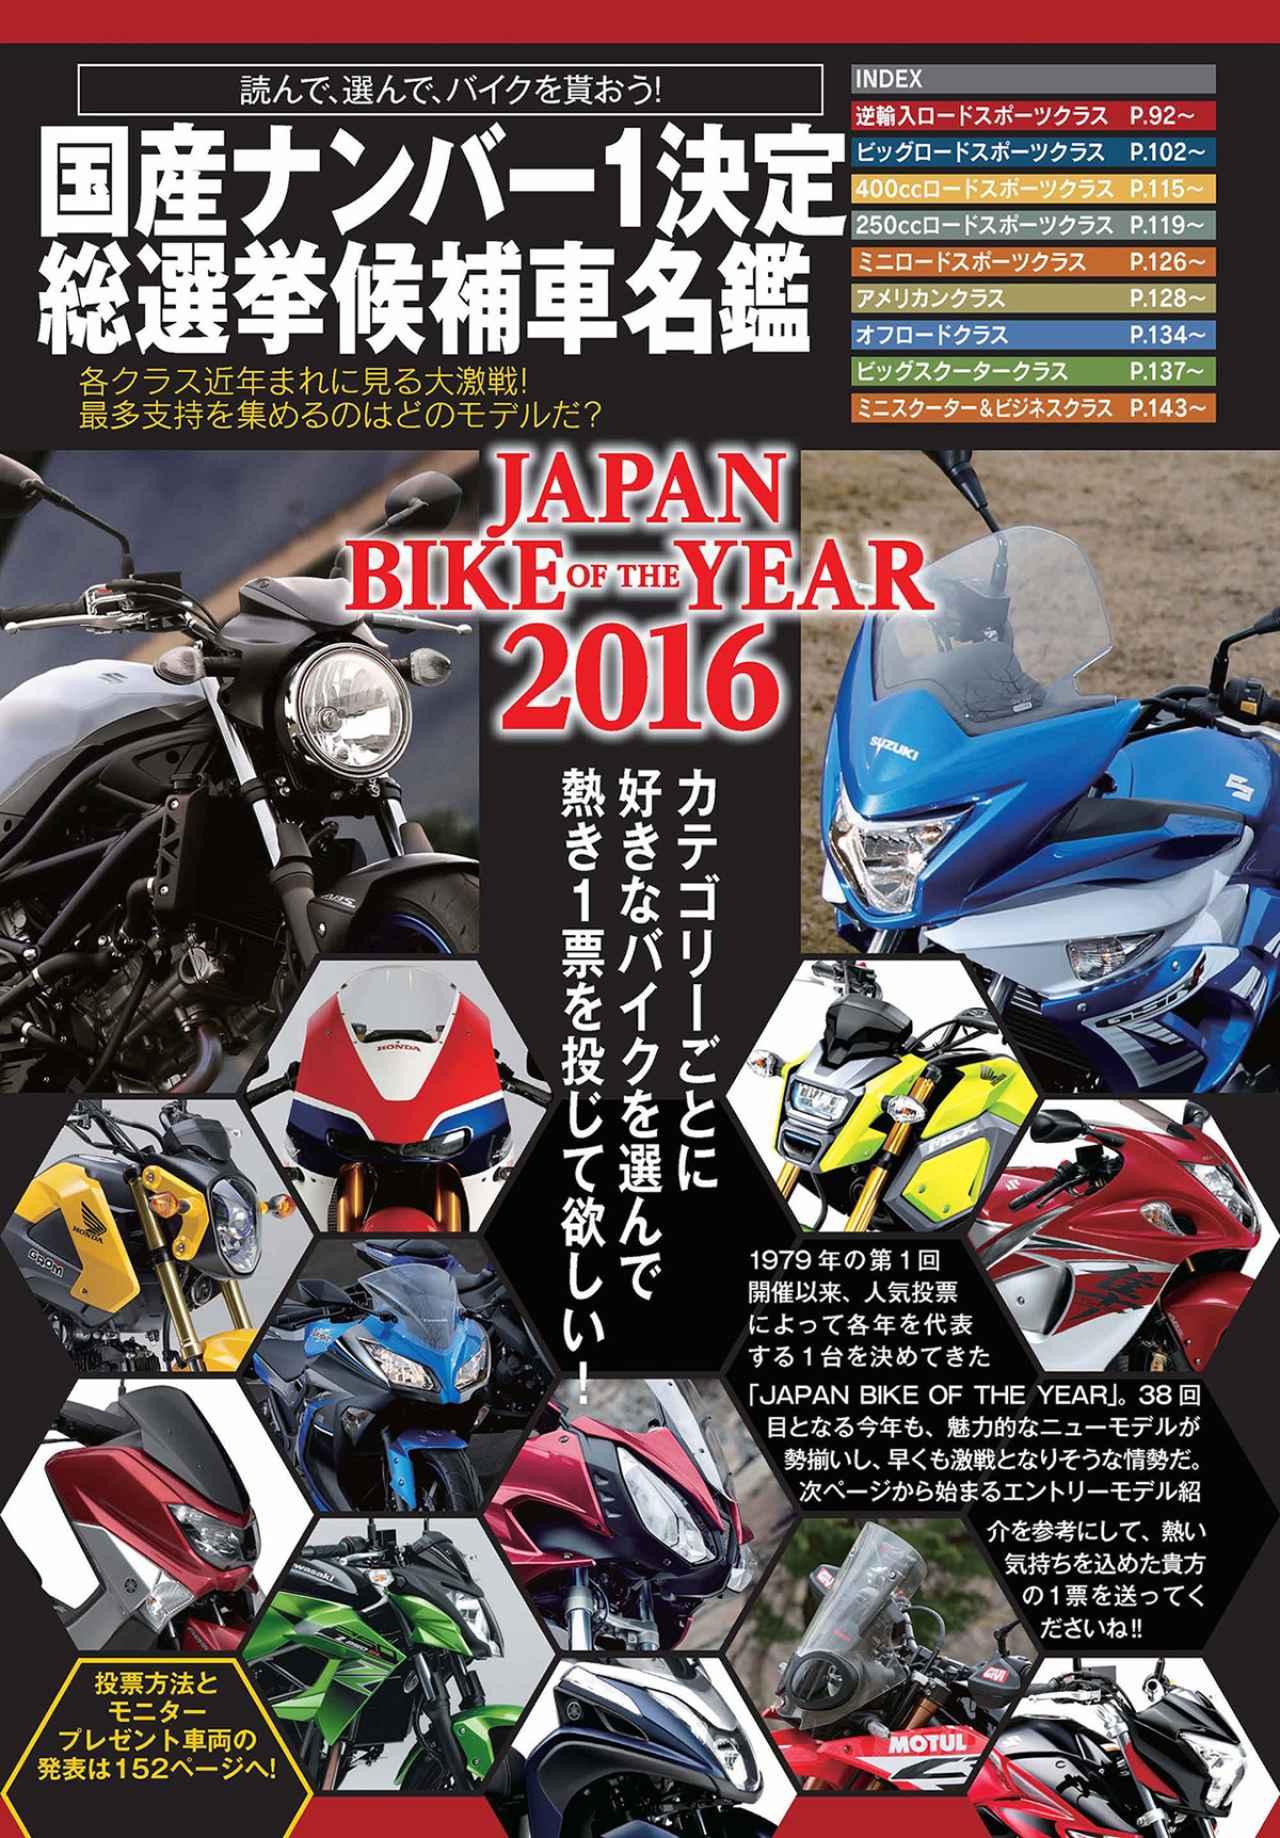 画像: 今年も始まります「JAPAN BIKE OF THE YEAR」。人気ナンバー1モデルを決めるのは、皆さんの投票です!